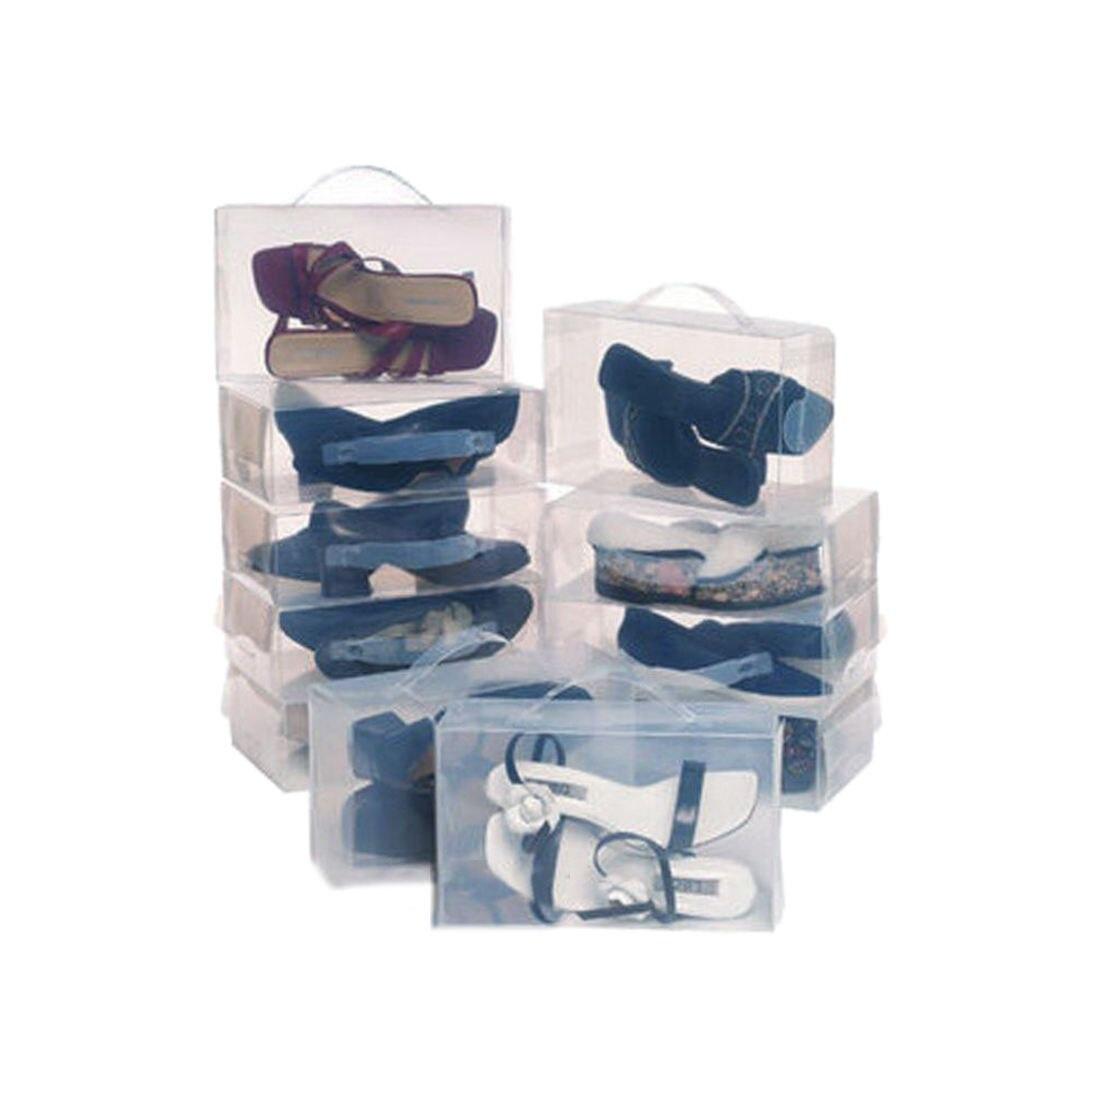 22 Ladies Mens Stackable Plastic Clear Shoe Box Boxes Storage Organiser Foldable Transparent color